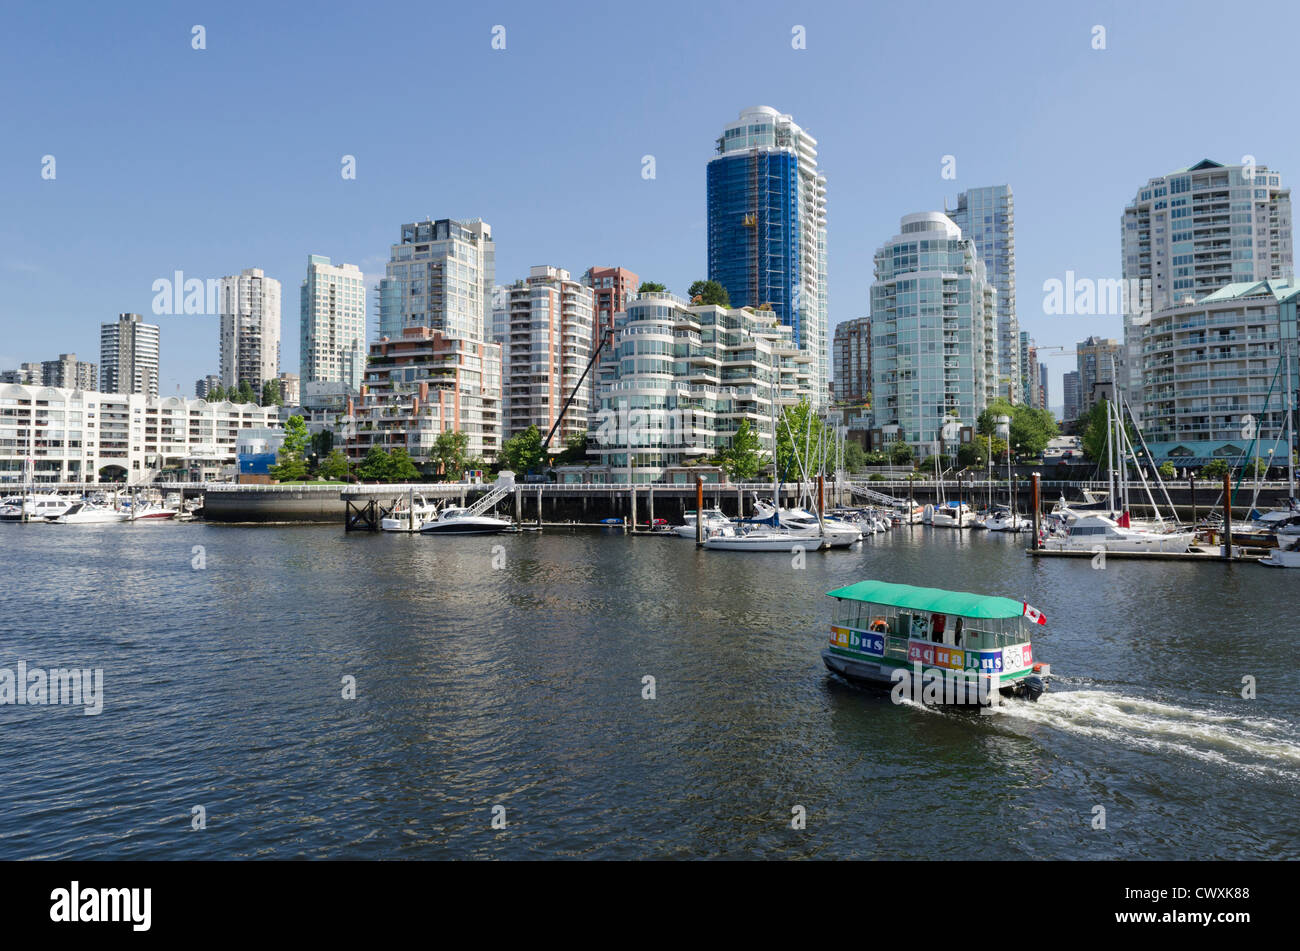 Vista desde la isla de Granville mirando a través del centro de Vancouver, Canadá Imagen De Stock